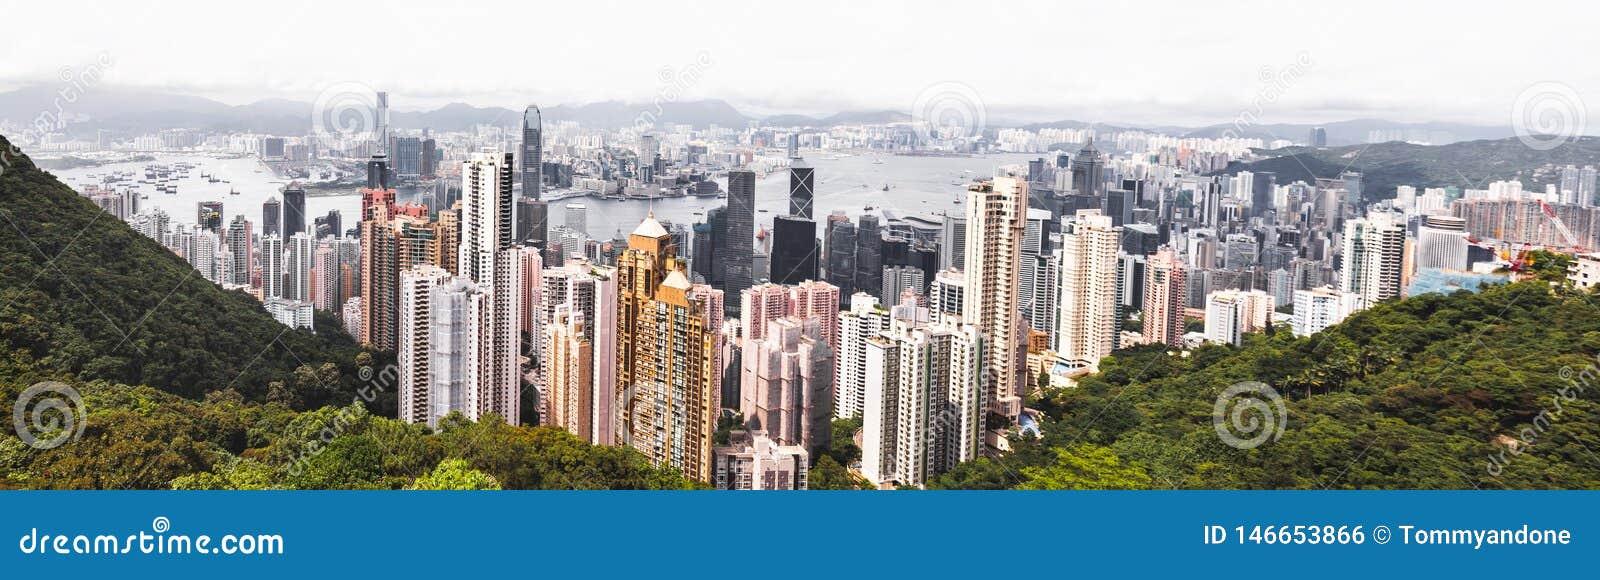 Orizzonte famoso di Hong Kong